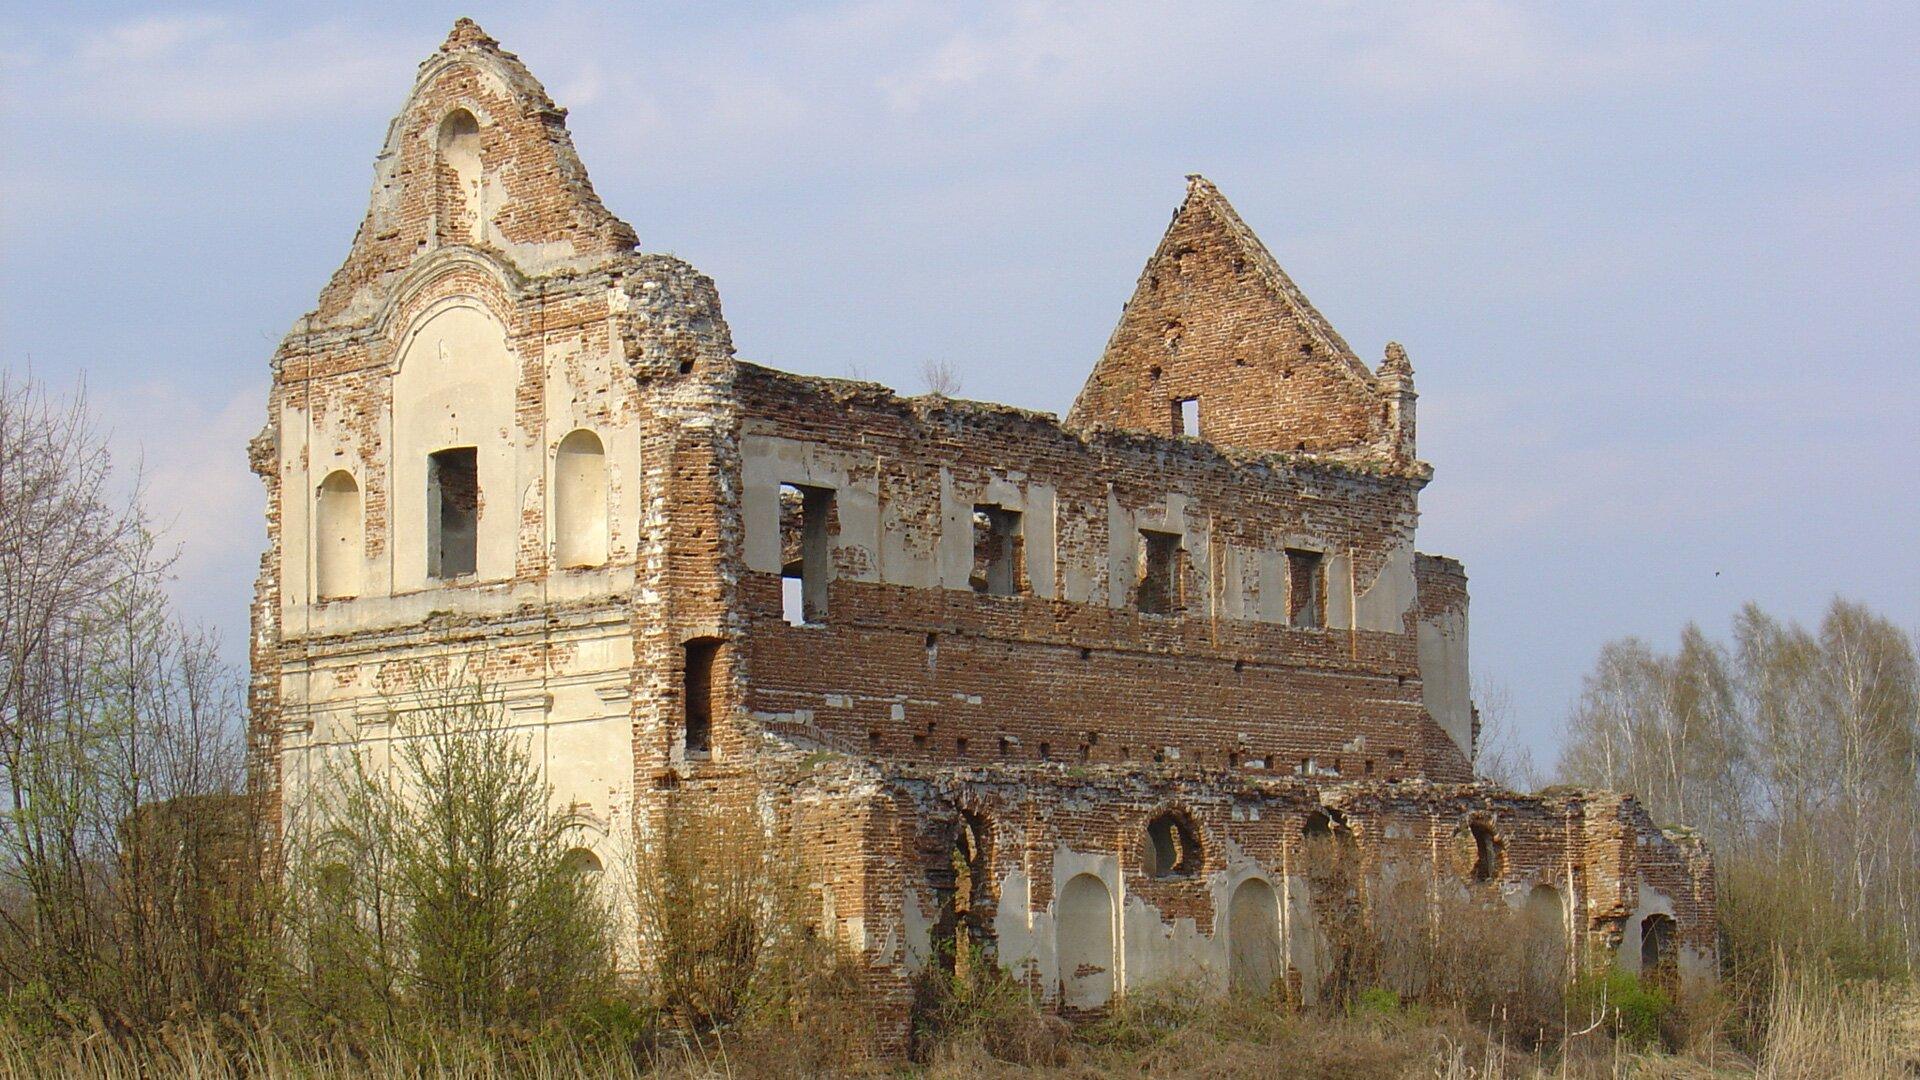 Ruiny kościoła jezuitów wChodlu Ruiny kościoła jezuitów wChodlu Źródło: Matizz2, licencja: CC BY-SA 3.0.